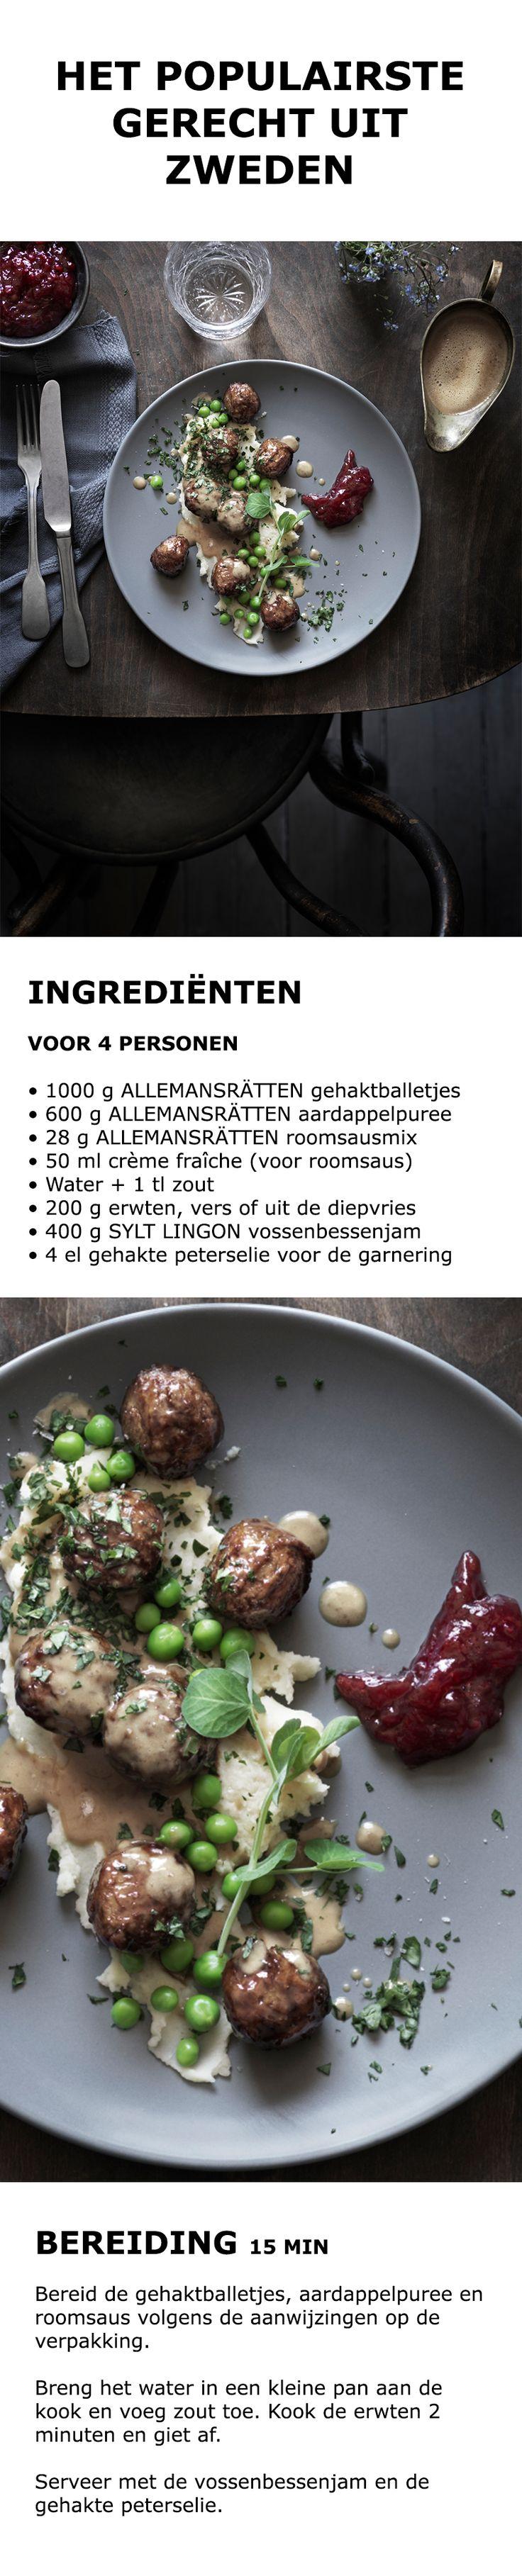 Inspiratie voor de feestdagen - Het populairste gerecht uit Zweden | IKEA IKEAnederland koken keuken recept herfst winter kerst diner lunch gehaktballetjes puree roomsaus vossenbessenjam